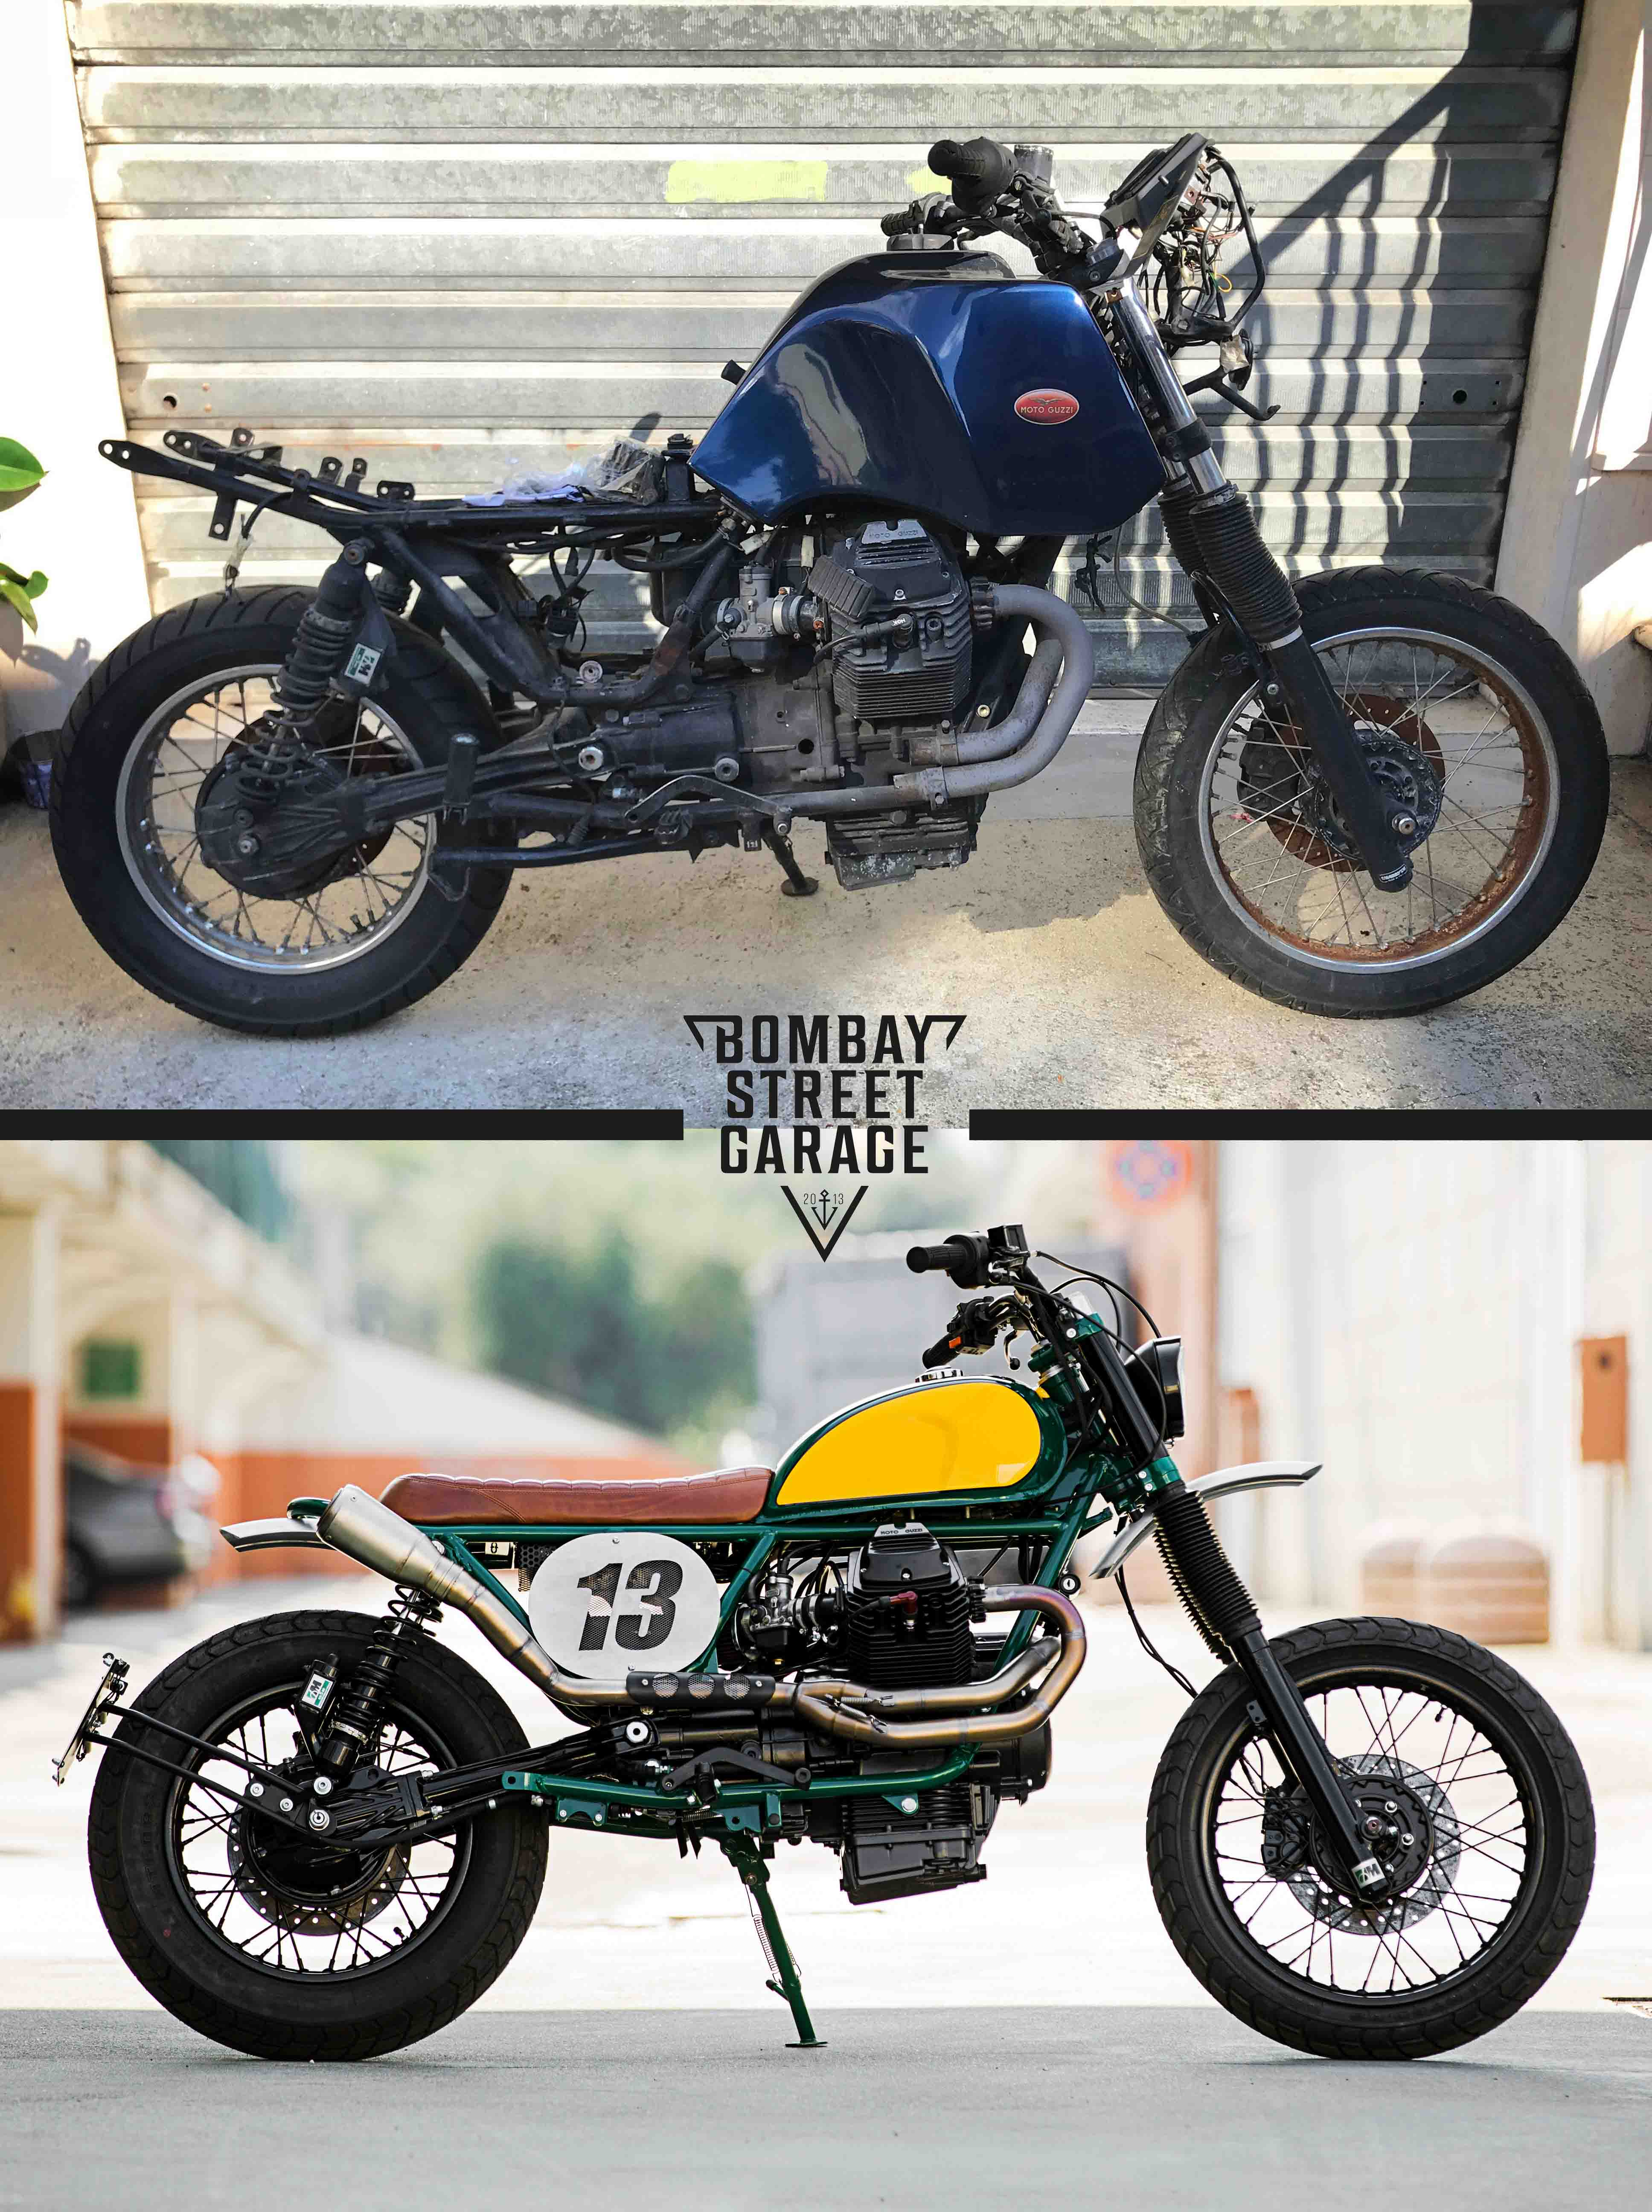 Bombay-13-Moto-Guzzi-Rust-and-Glory-18